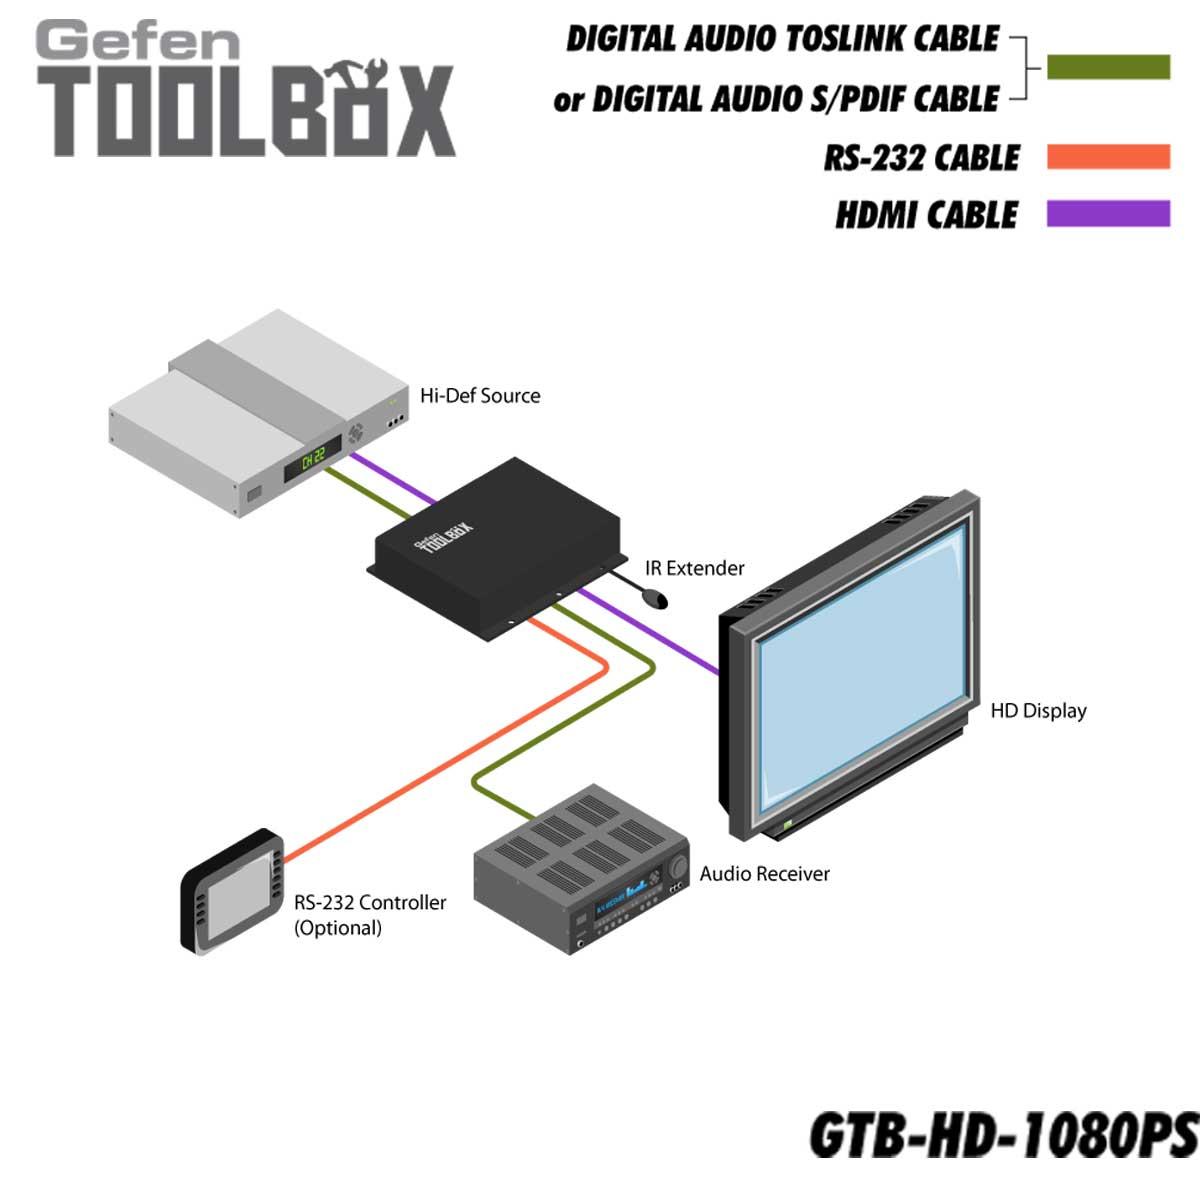 GTB-HD-1080PS